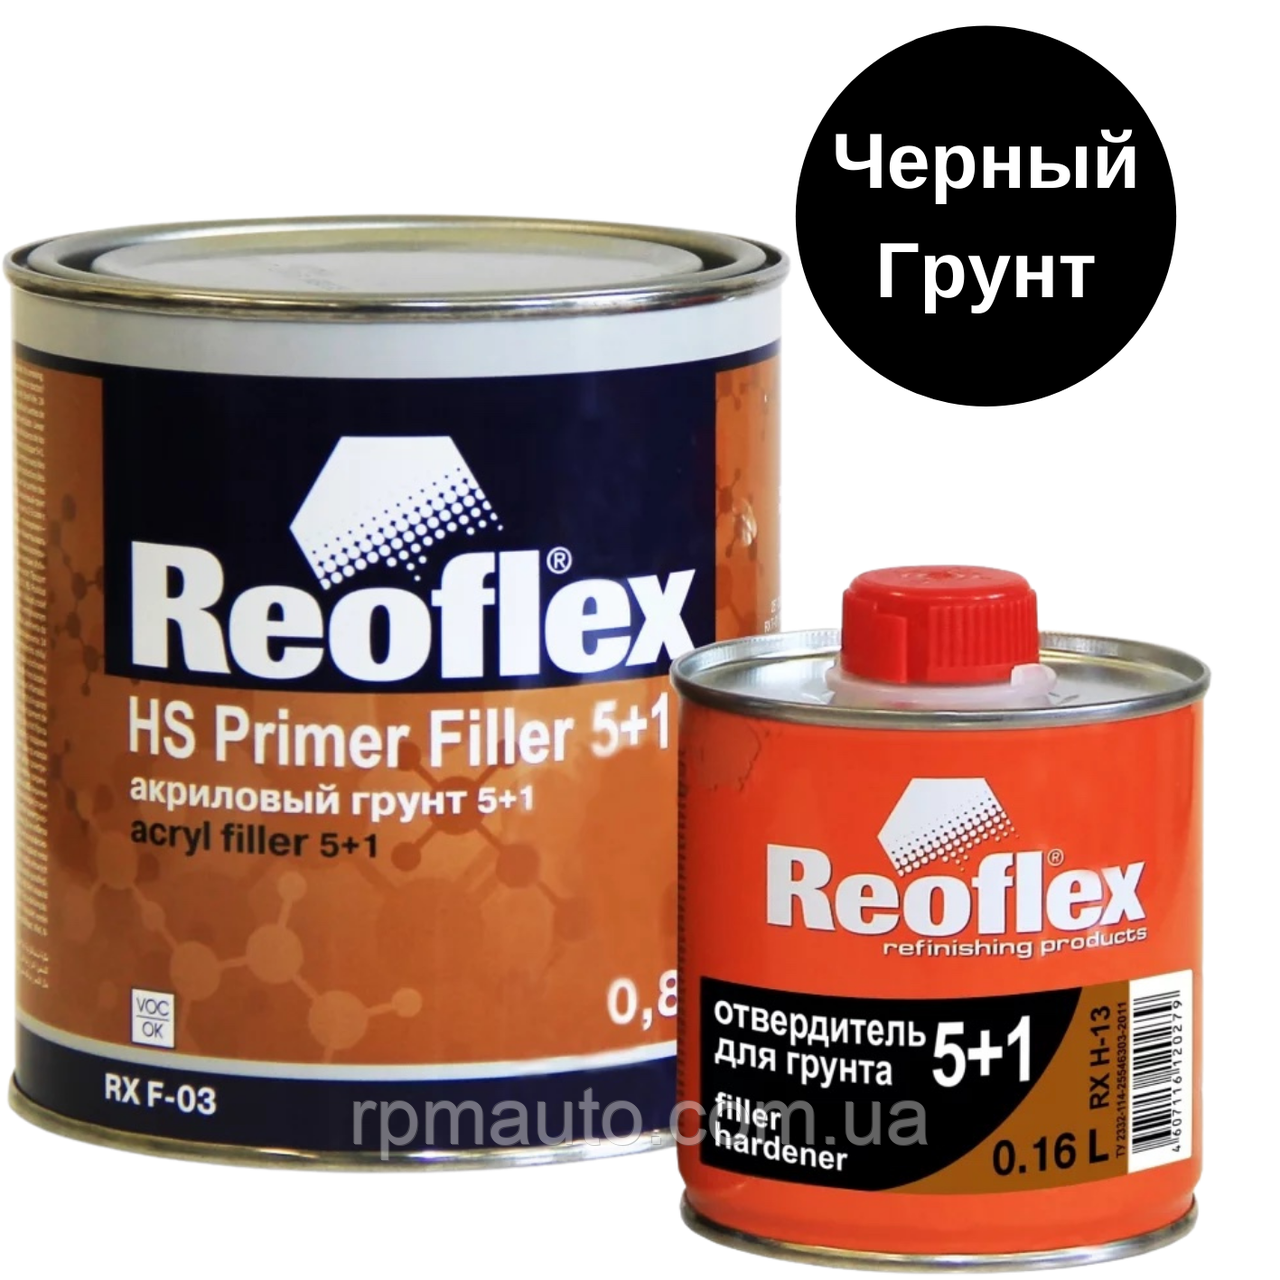 Грунт Акриловый Черный REOFLEX HS Primer Filler 5+1 RX F-03  0,8л с Отвердителем 0,16л